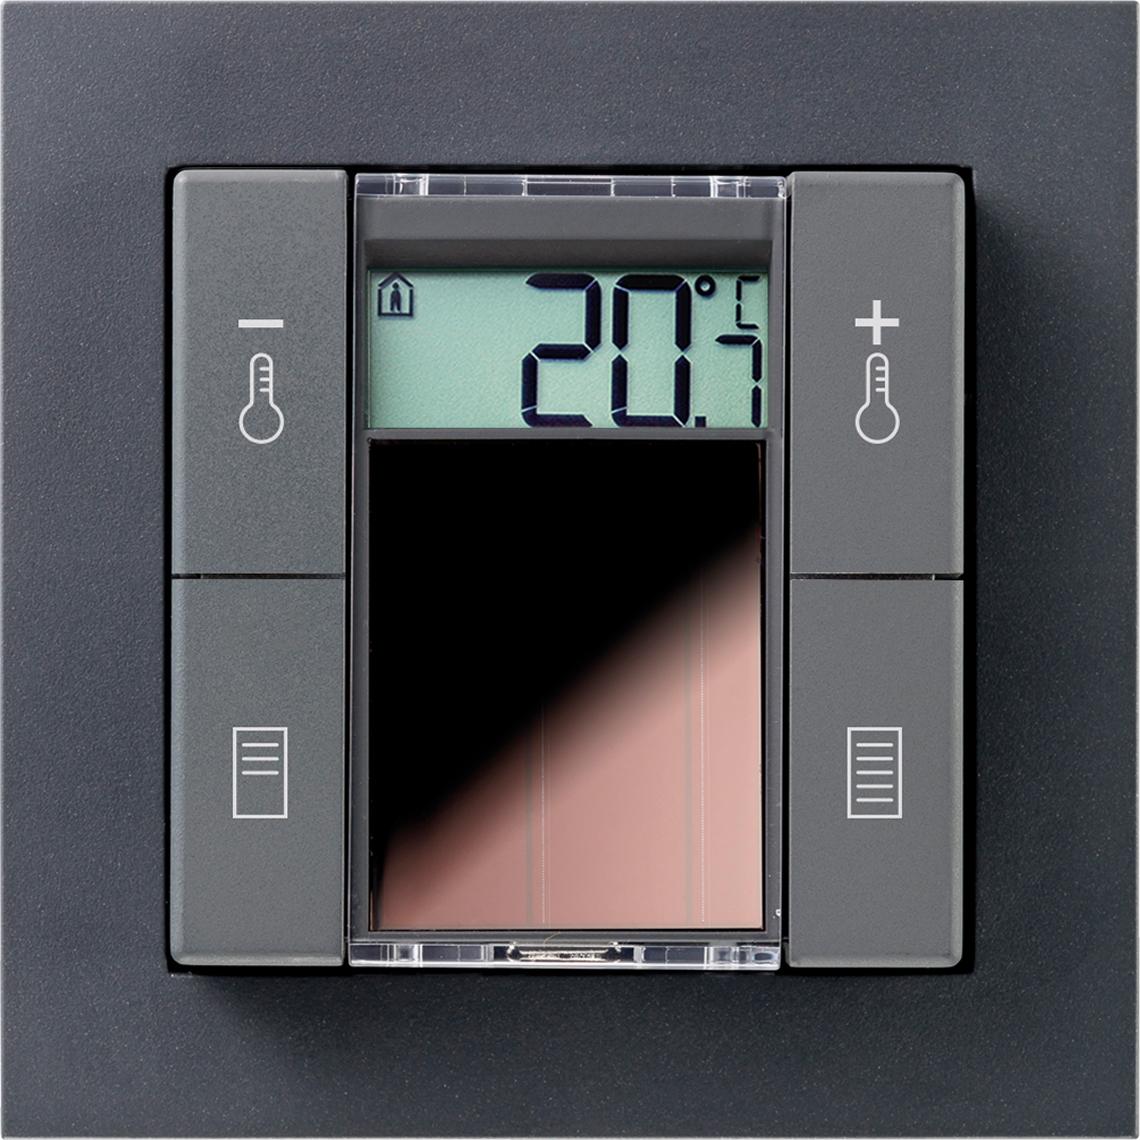 SR06 LCD 2T+Blind Gira E2 anthrazit Produktbild